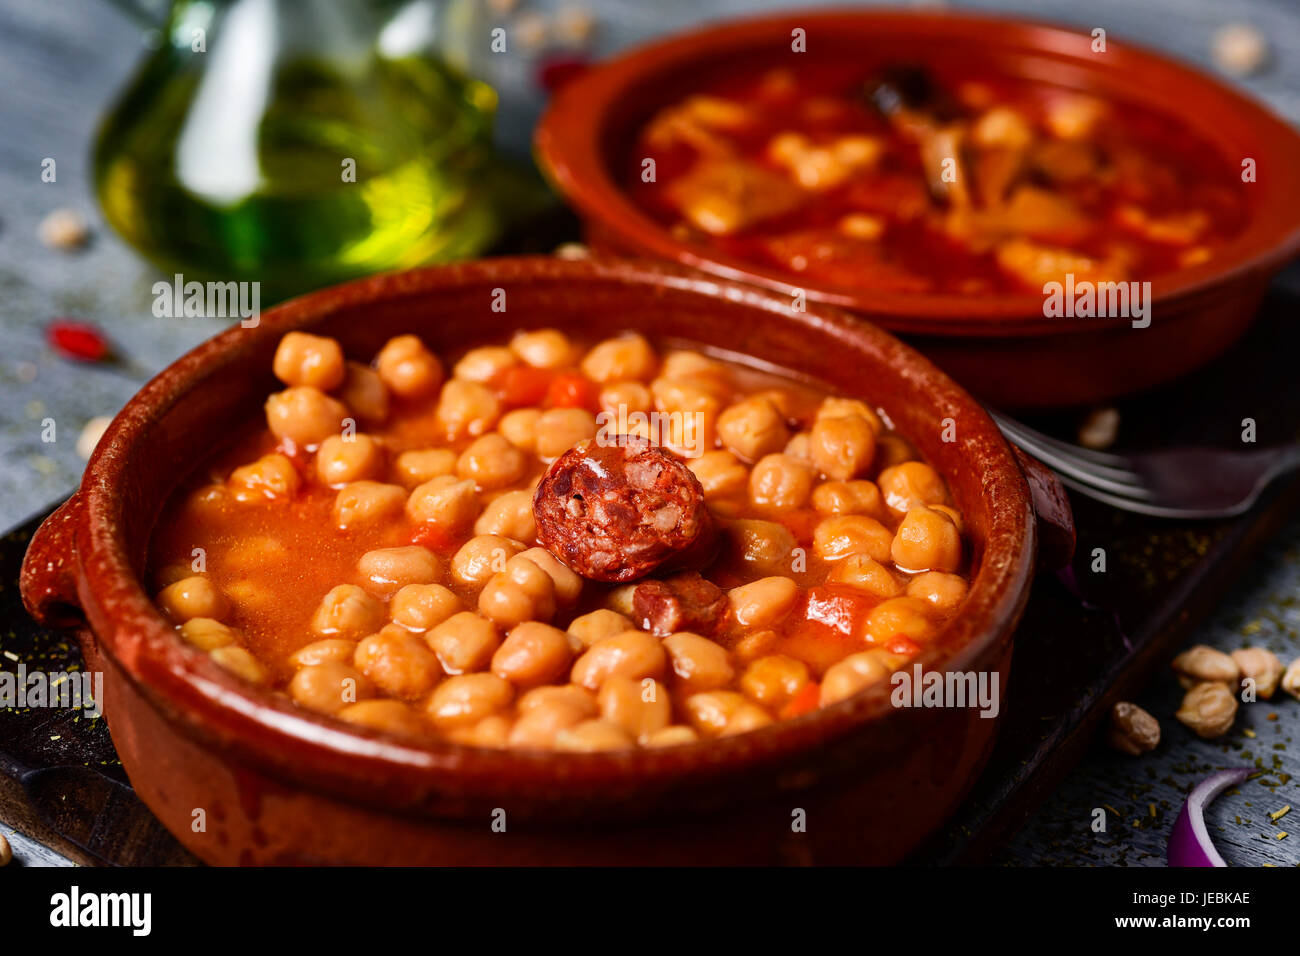 Primo piano di un vaso di terracotta con potaje de garbanzos, uno stufato di ceci con chorizo e prosciutto Serrano Immagini Stock